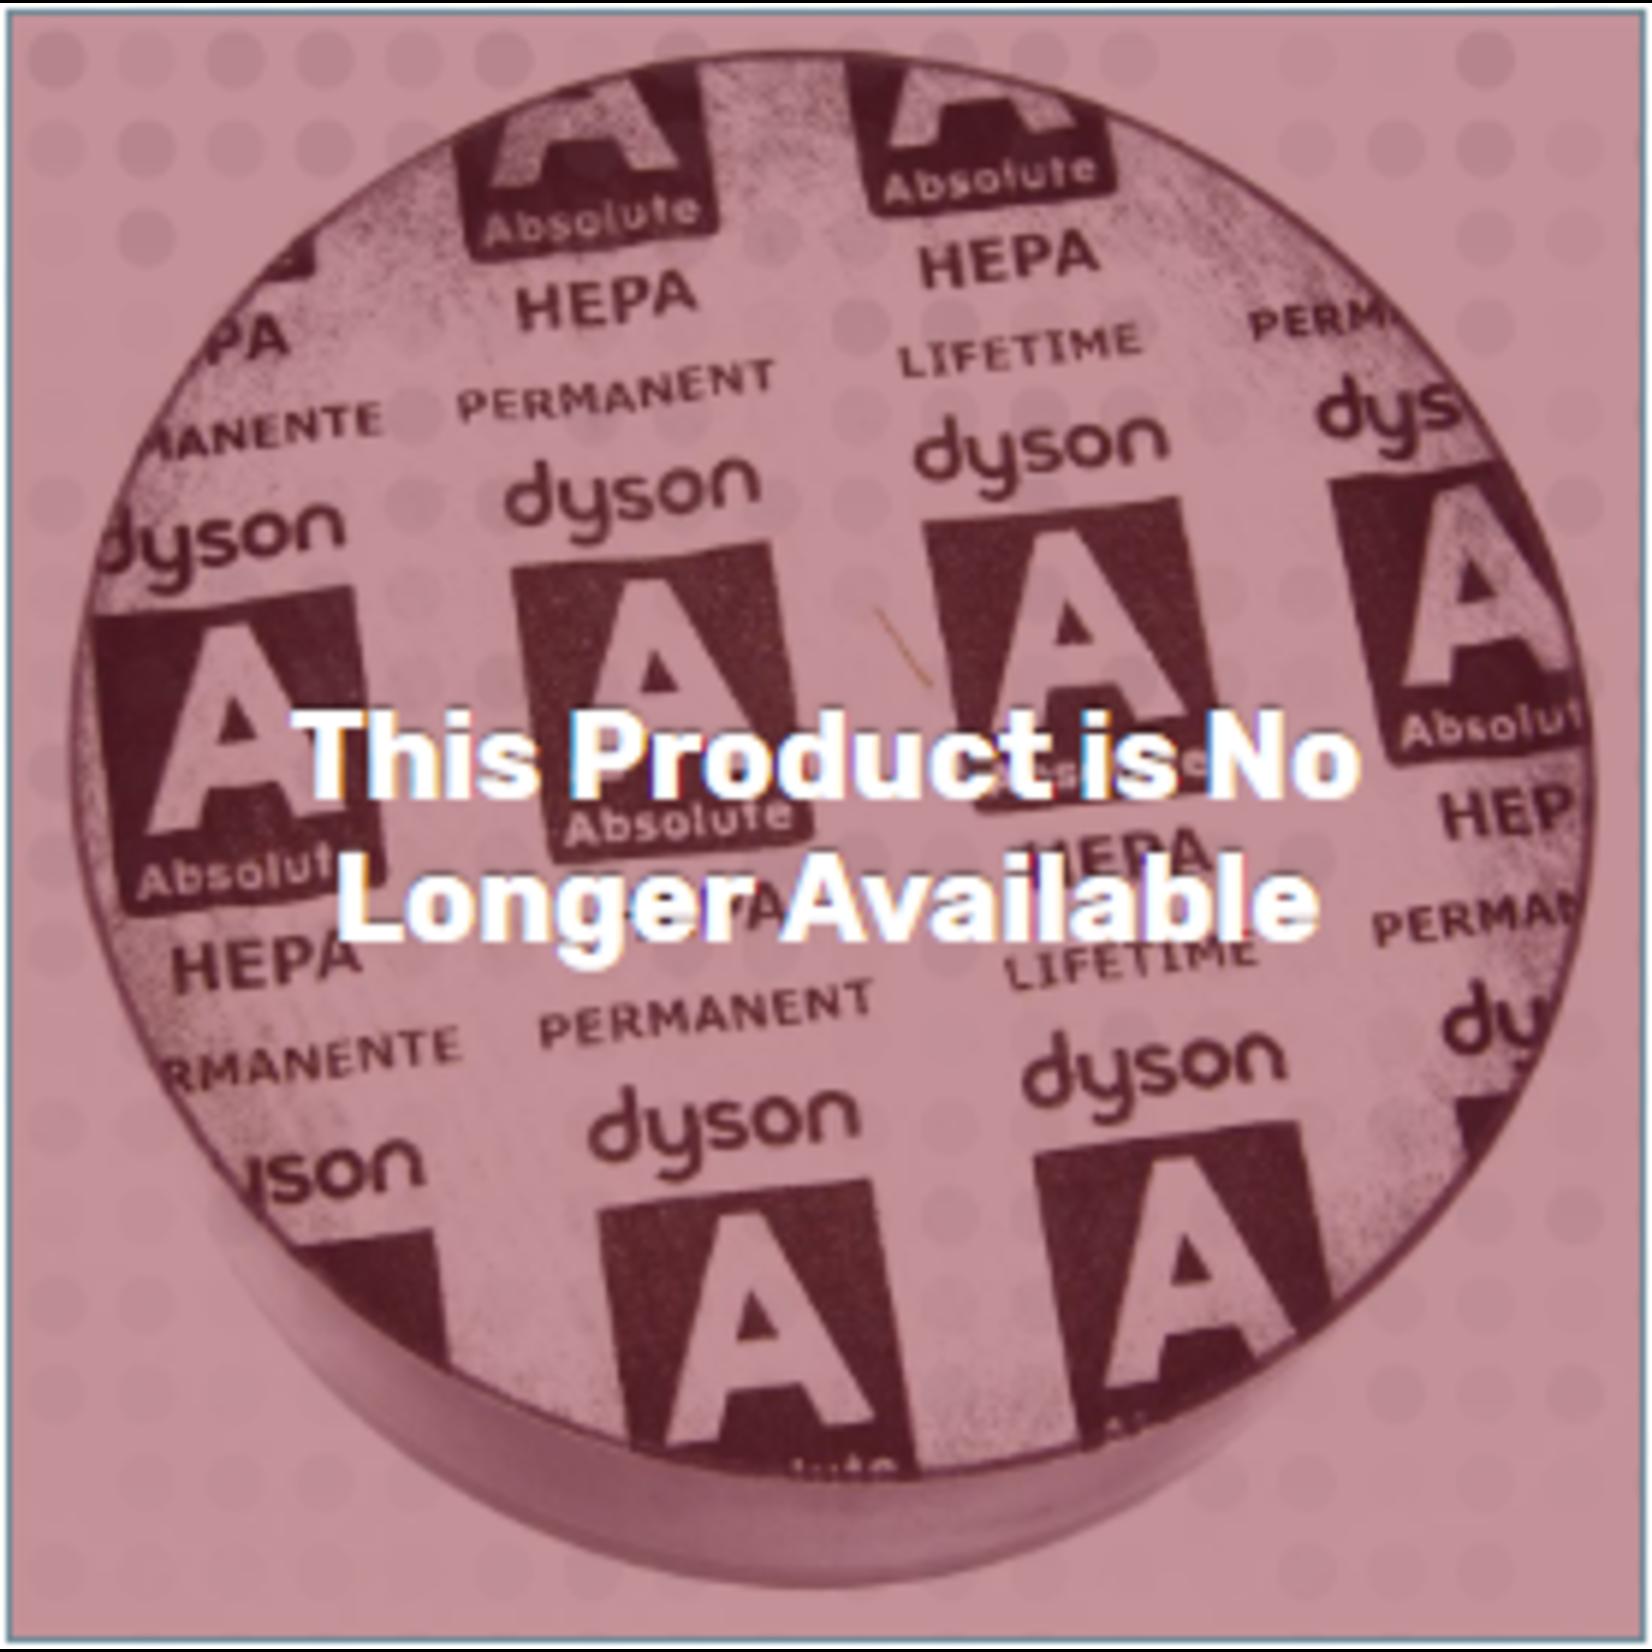 Dyson Dyson DC18 Lifetime Post-Filter **NO LONGER AVAILABLE**